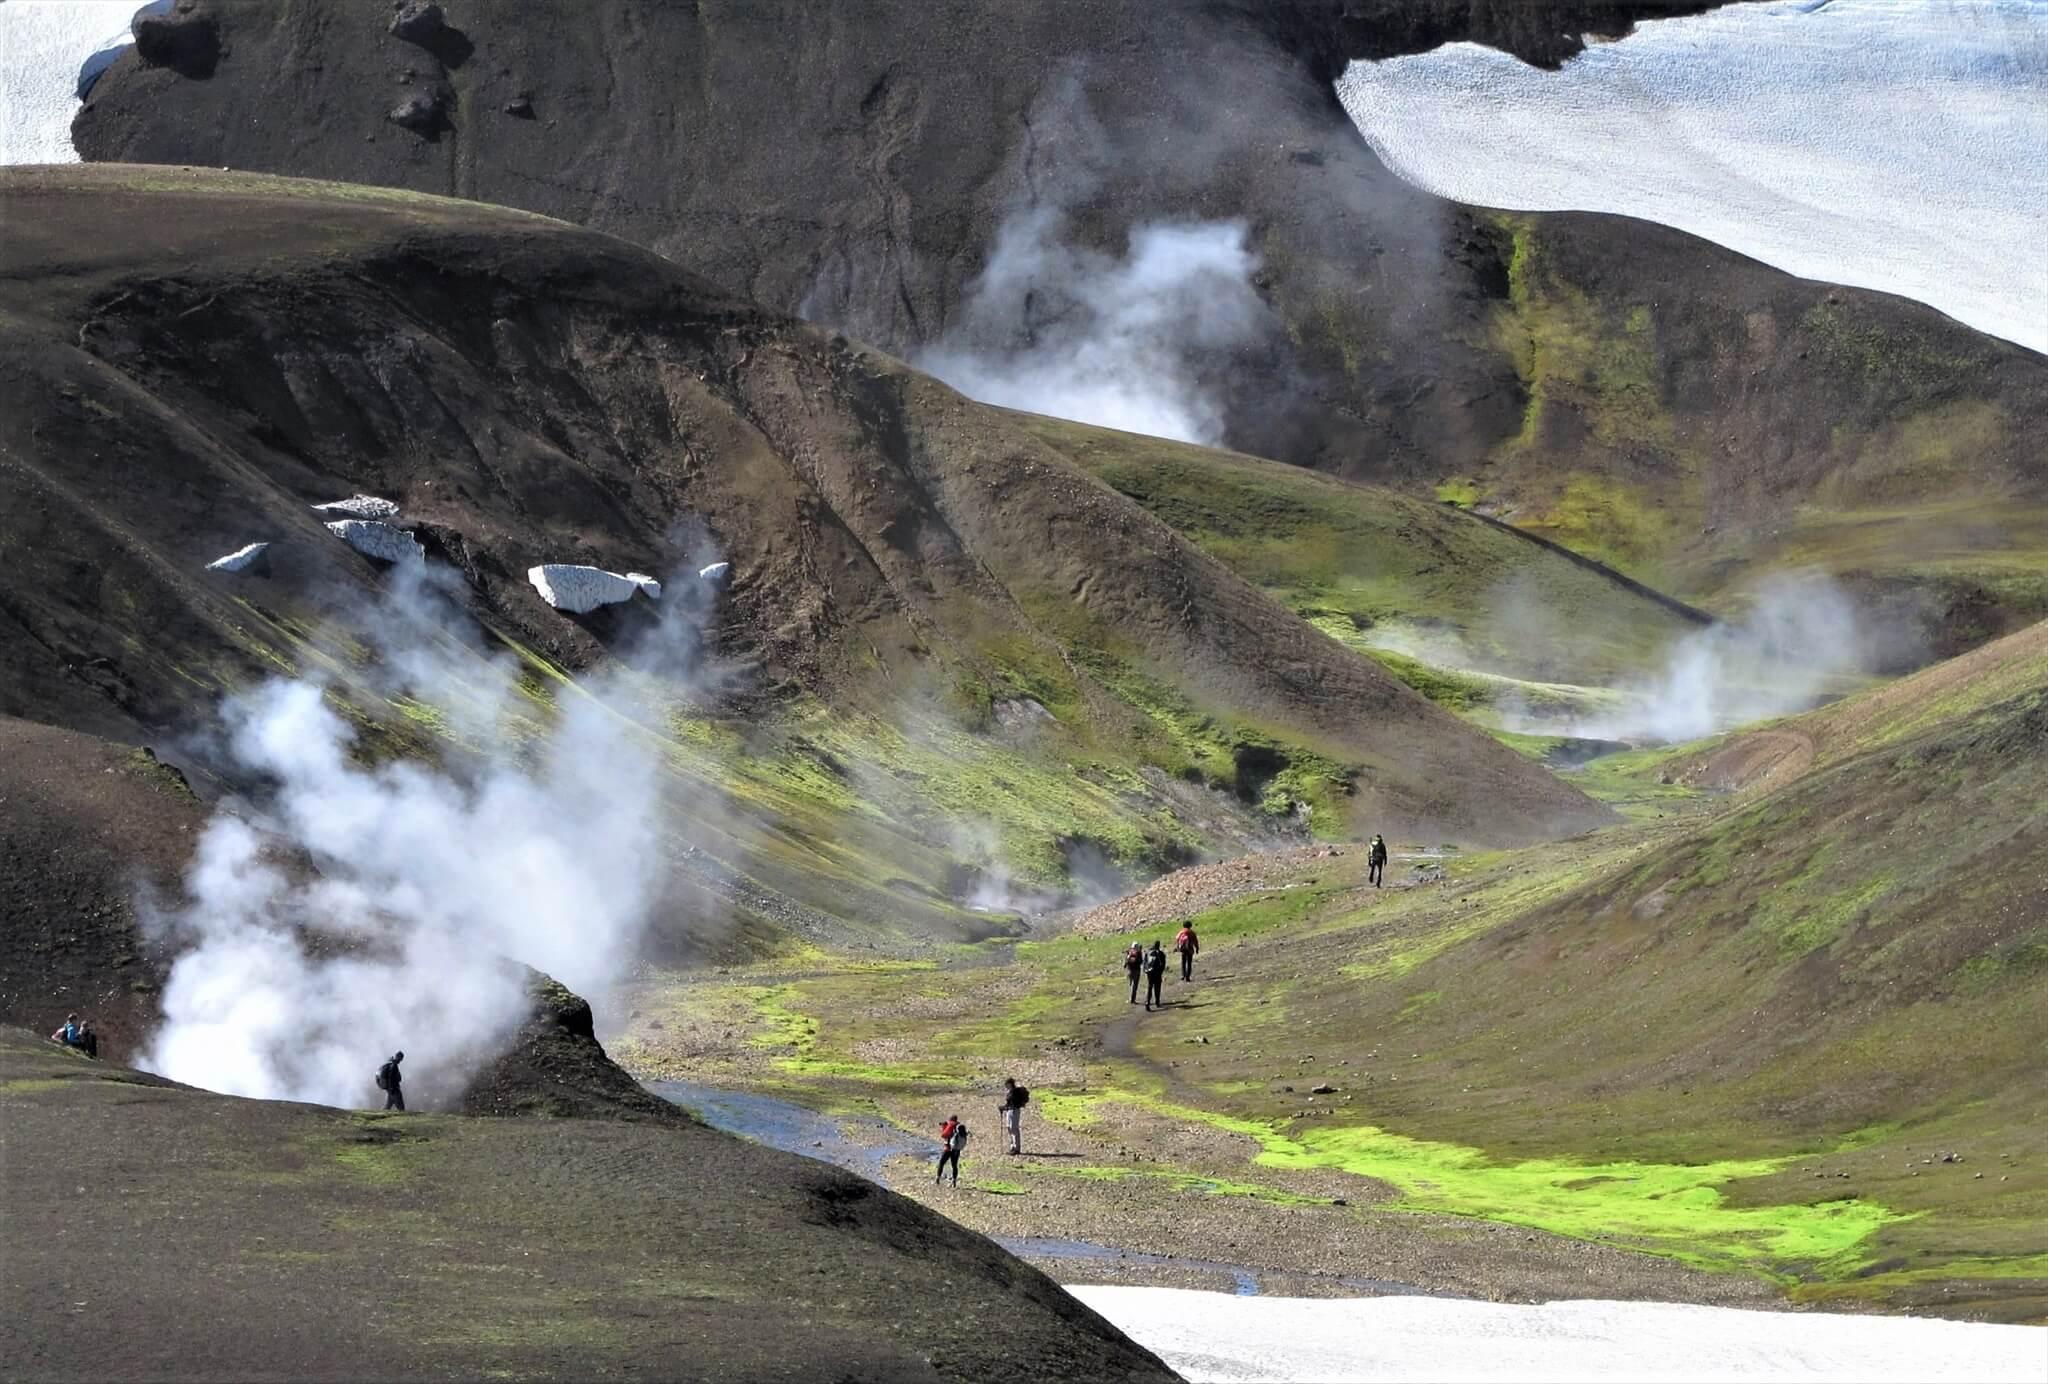 アイスランドの「ロイガヴェーグルトレイル」に広がる高原